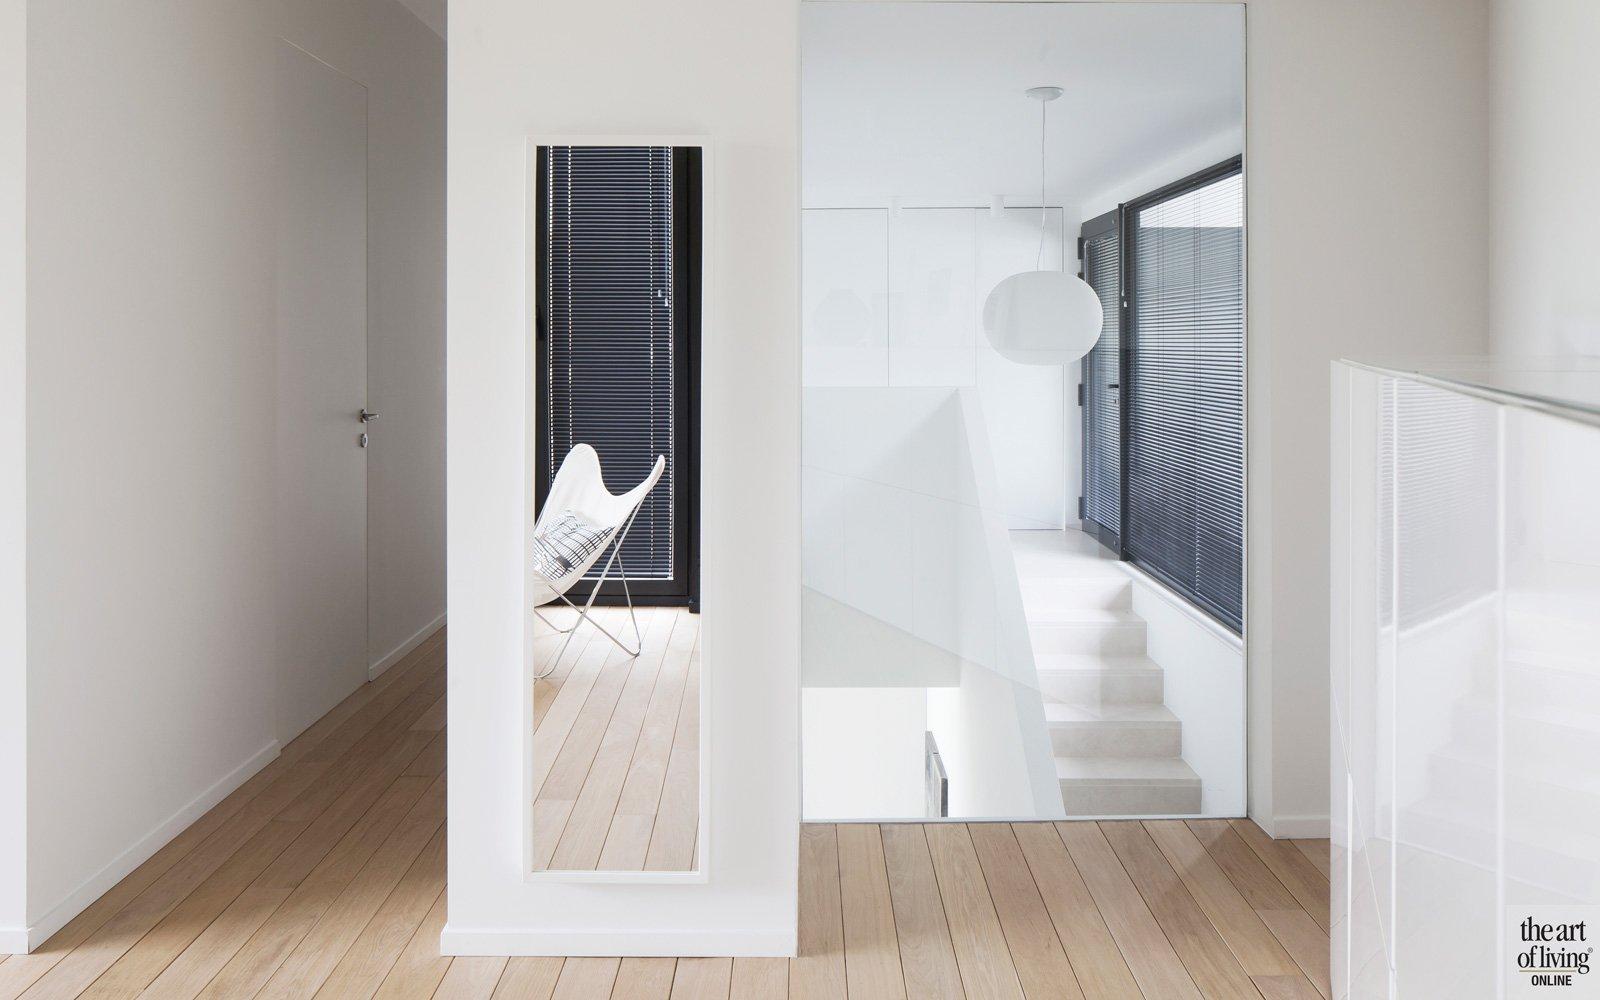 Compacte woning, Hervé vanden Haute, screens van Renson